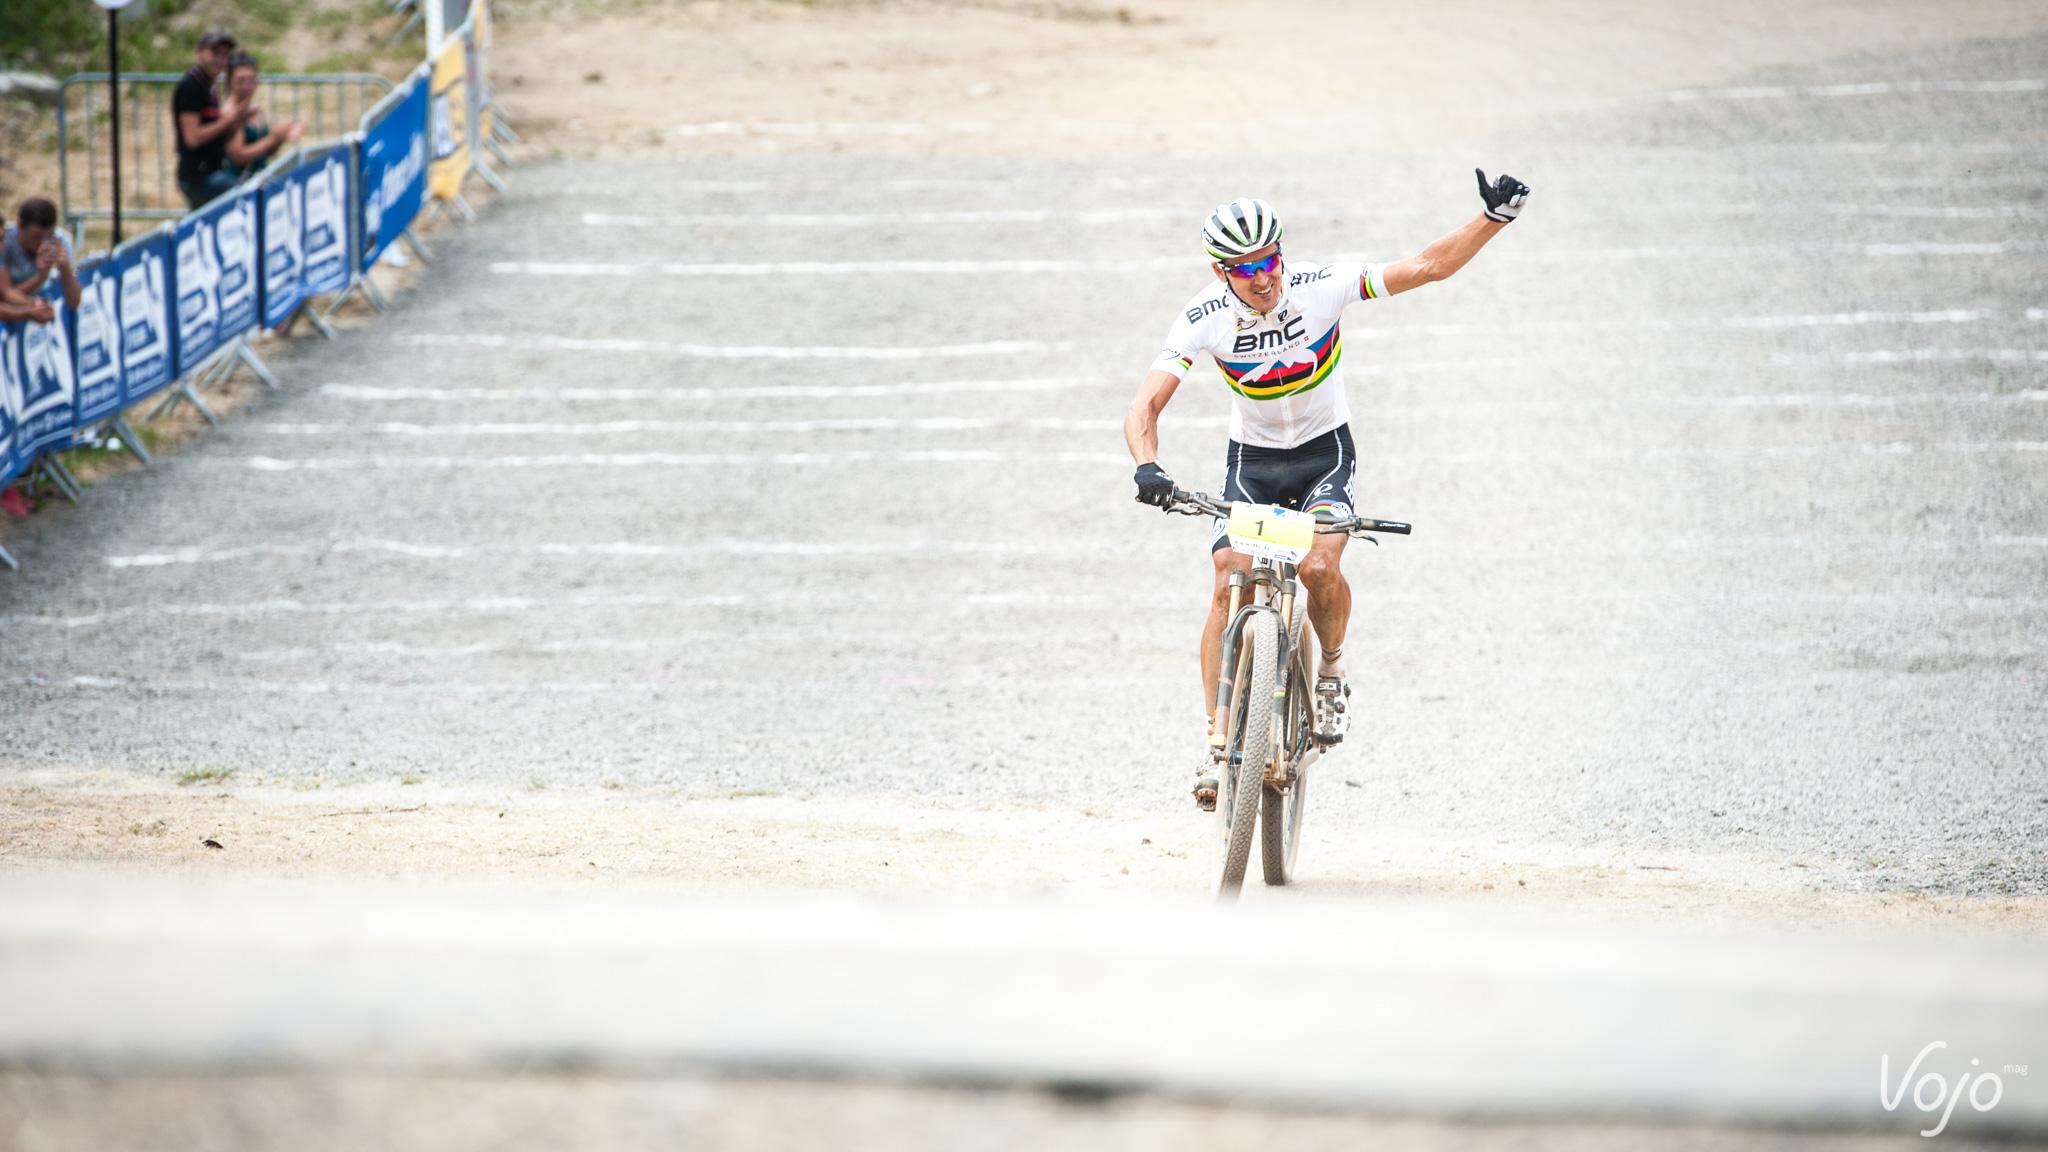 Championnats-de-france-2015-Oz-XC-Espoirs-finale-33